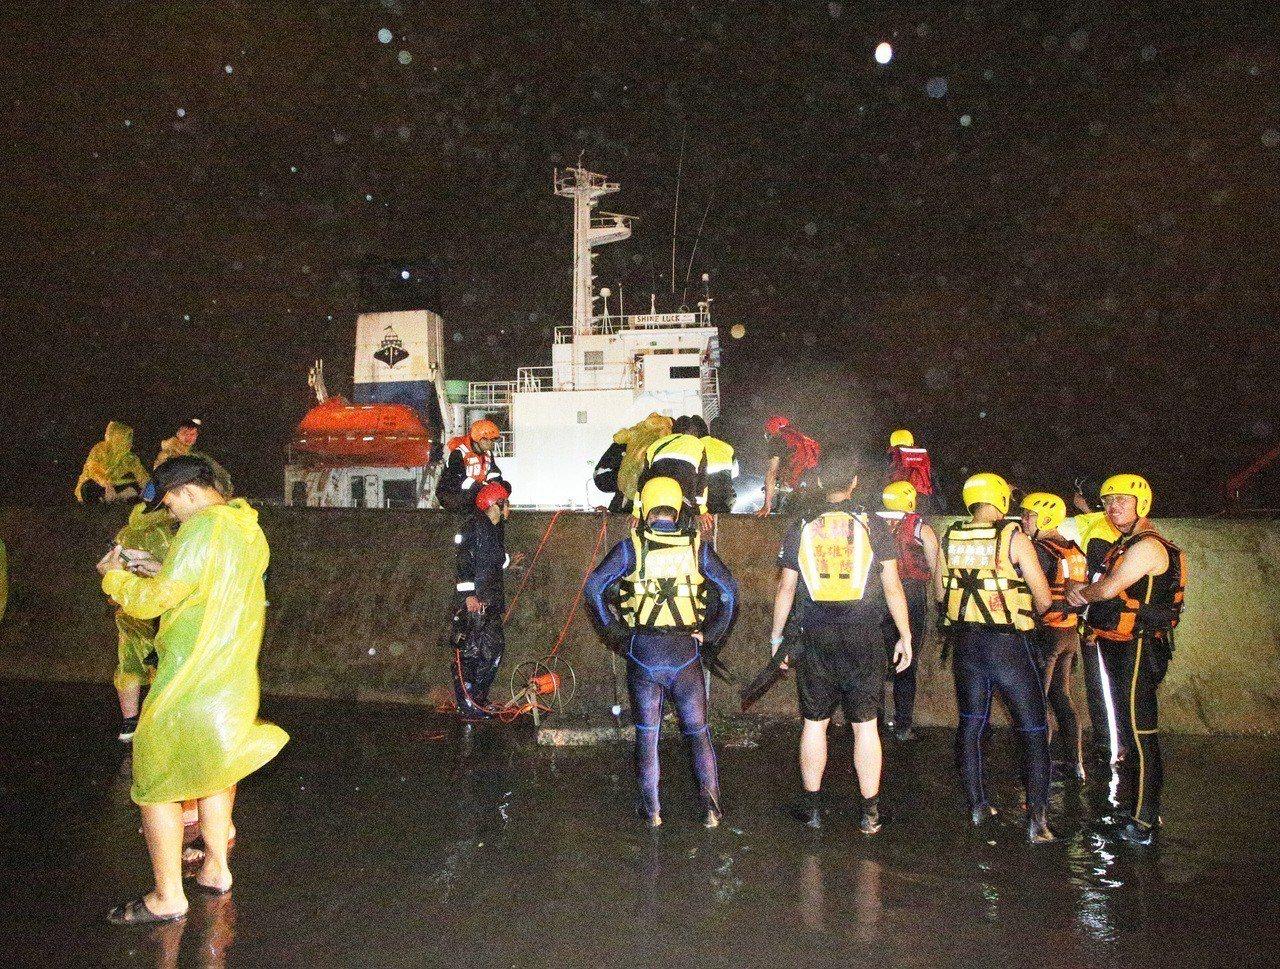 海巡和救難人員漏夜救援。記者劉學聖/攝影